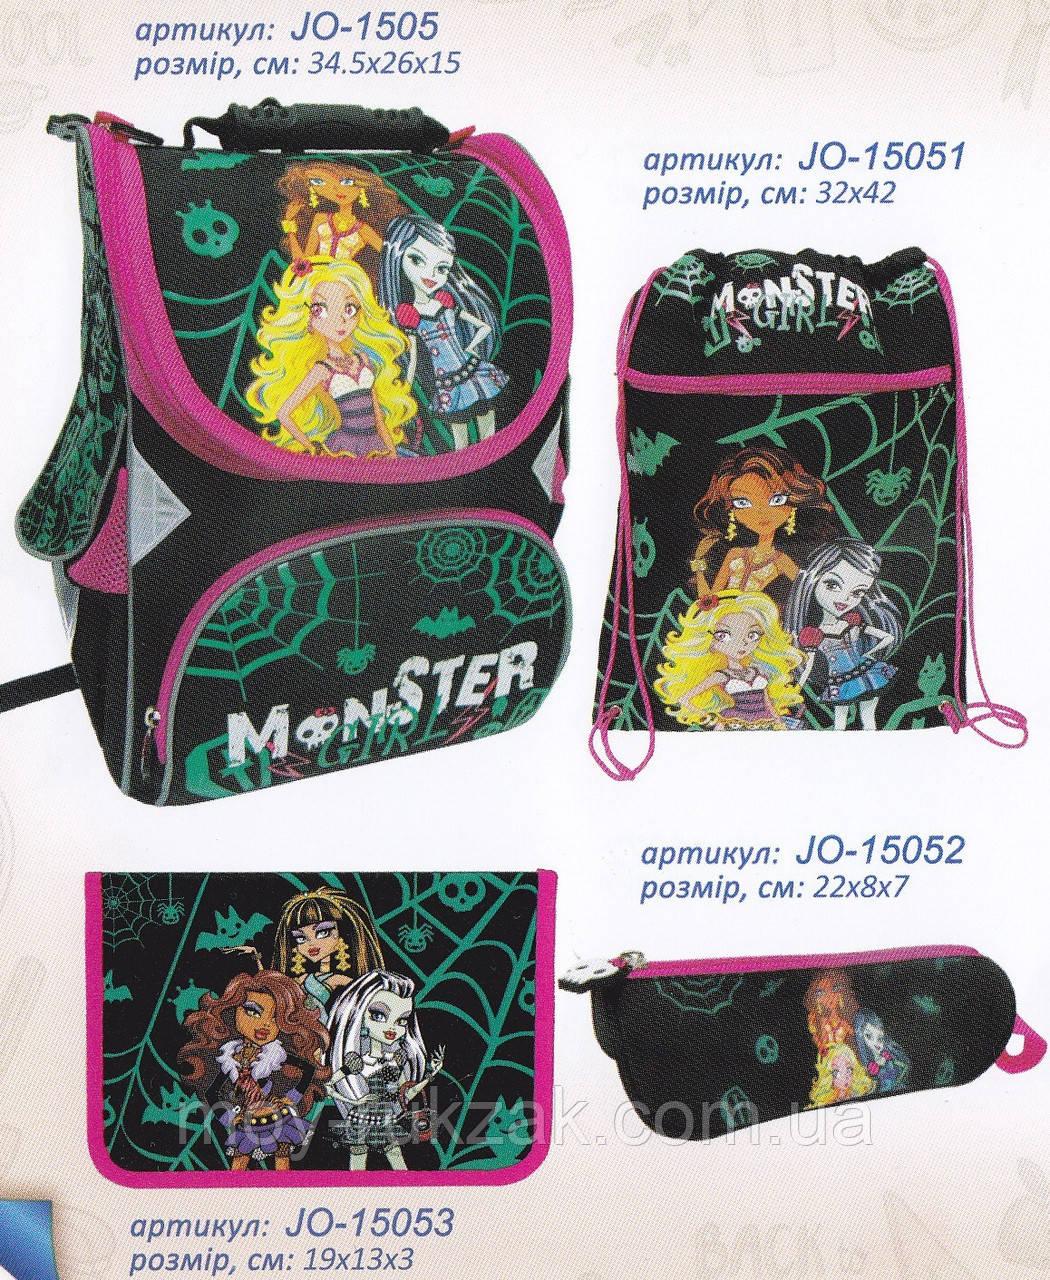 Рюкзаки и набор монстер где купить школьные рюкзаки herlitz